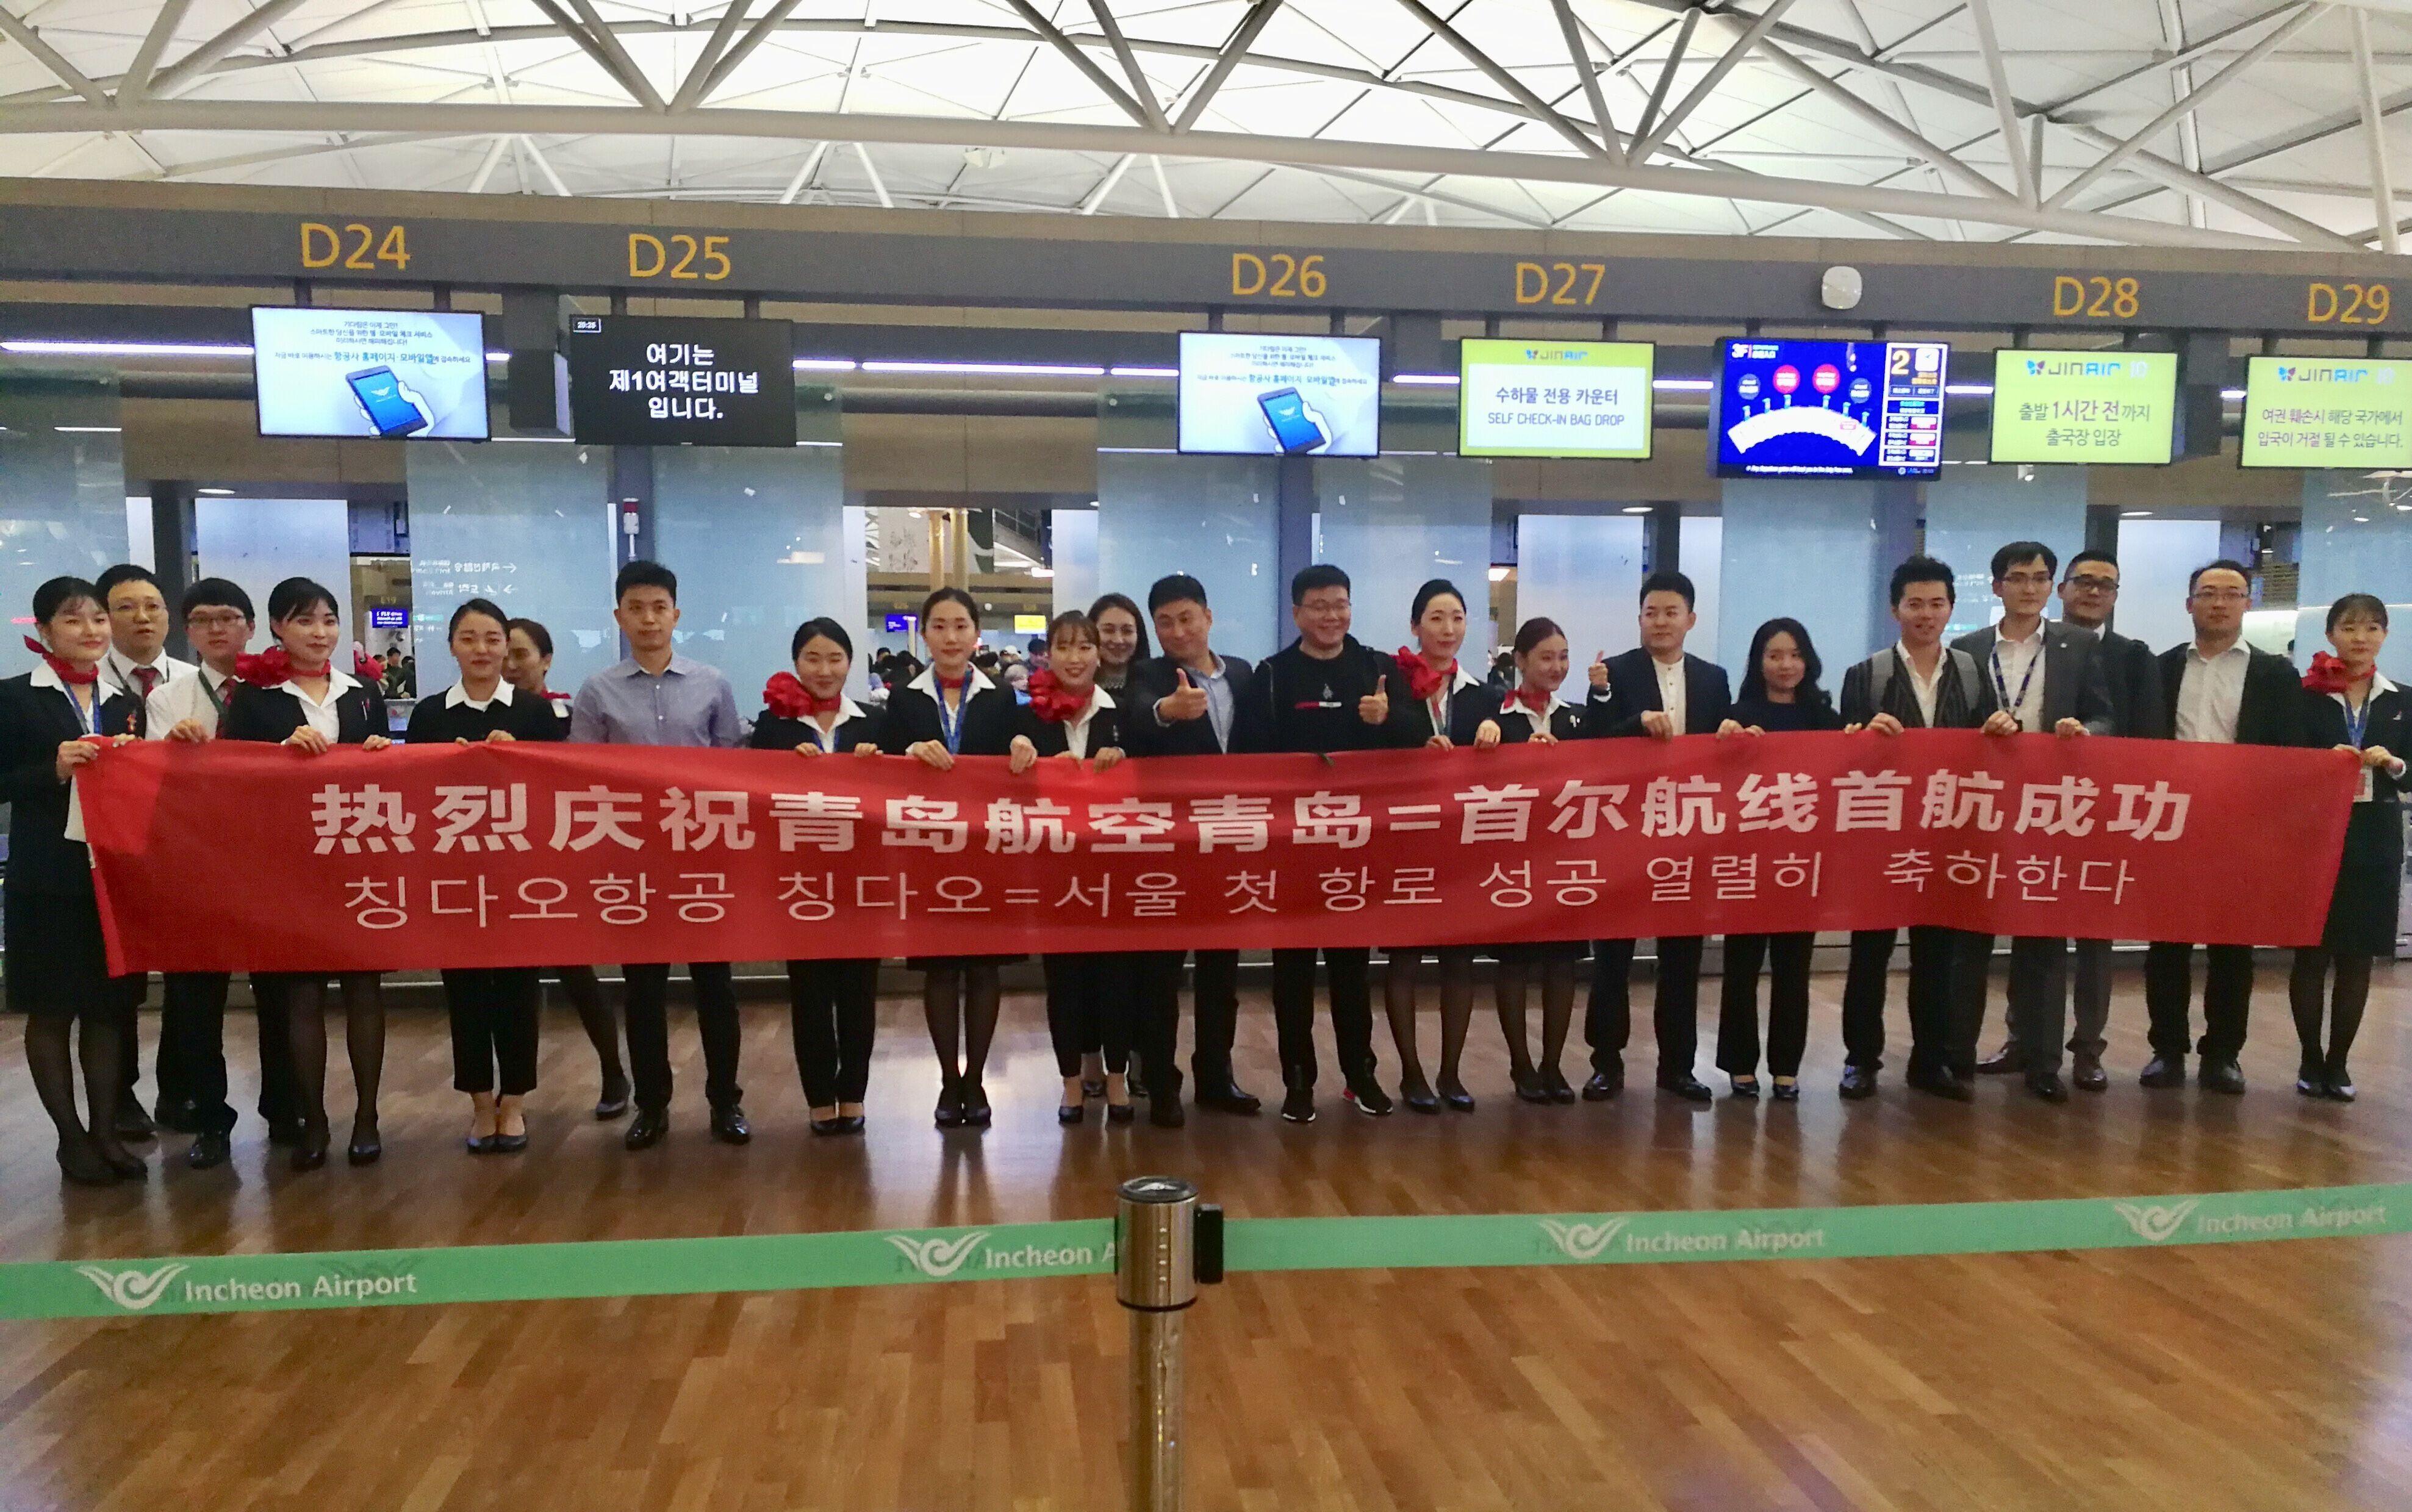 青岛航空首条国际航线青岛=首尔首航成功